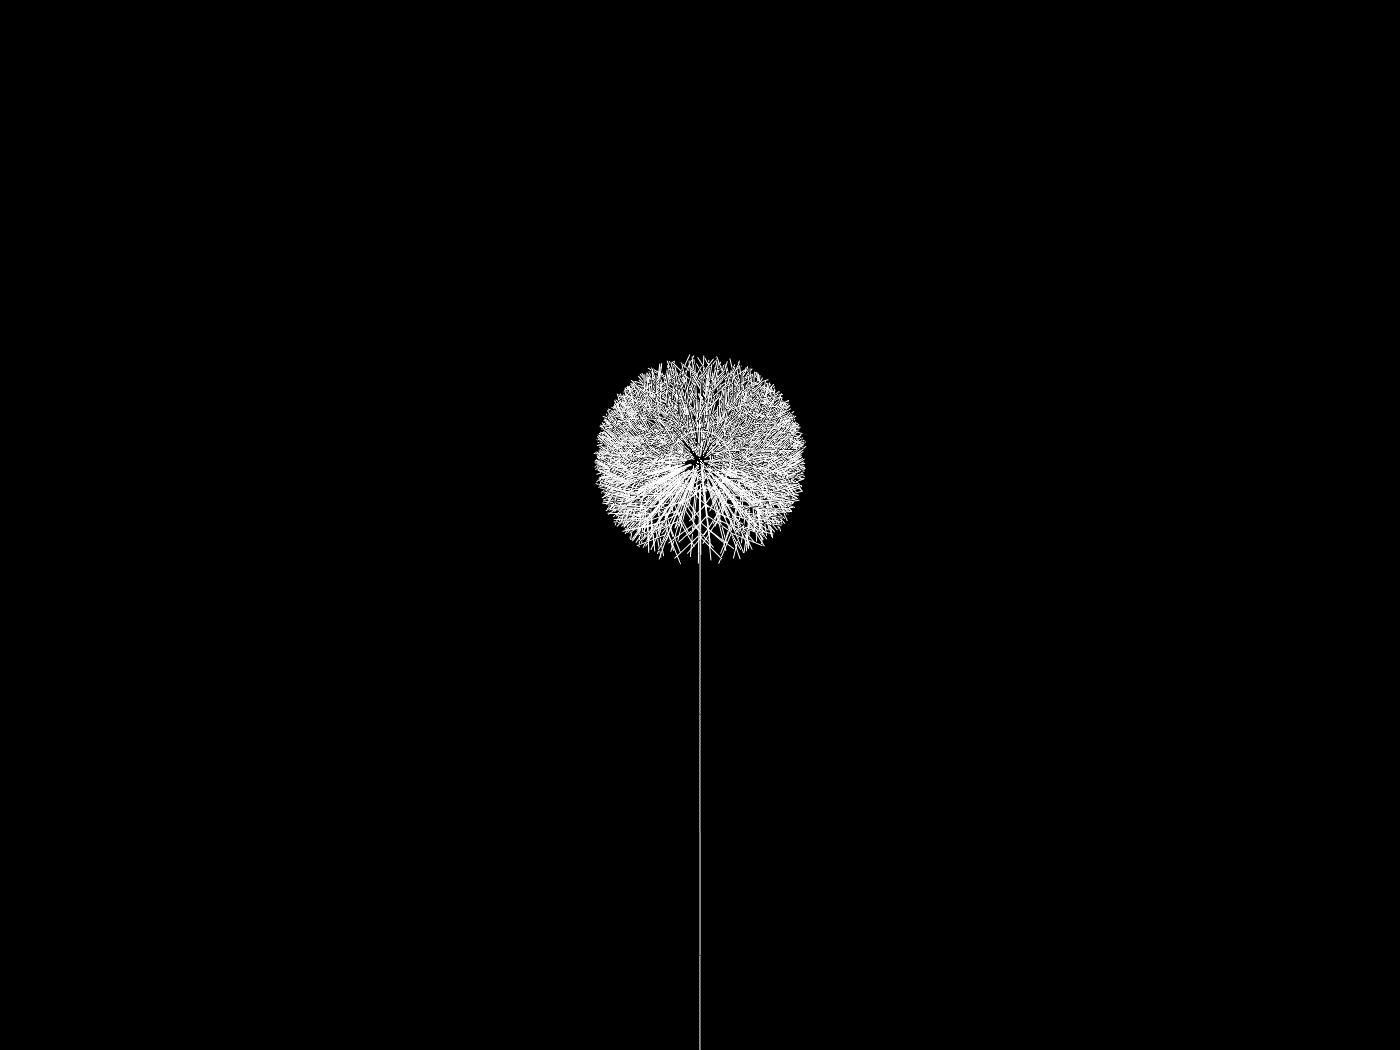 Cliquer sur l 39 image pour l 39 agrandir - Tapisserie rayee noir et blanc ...